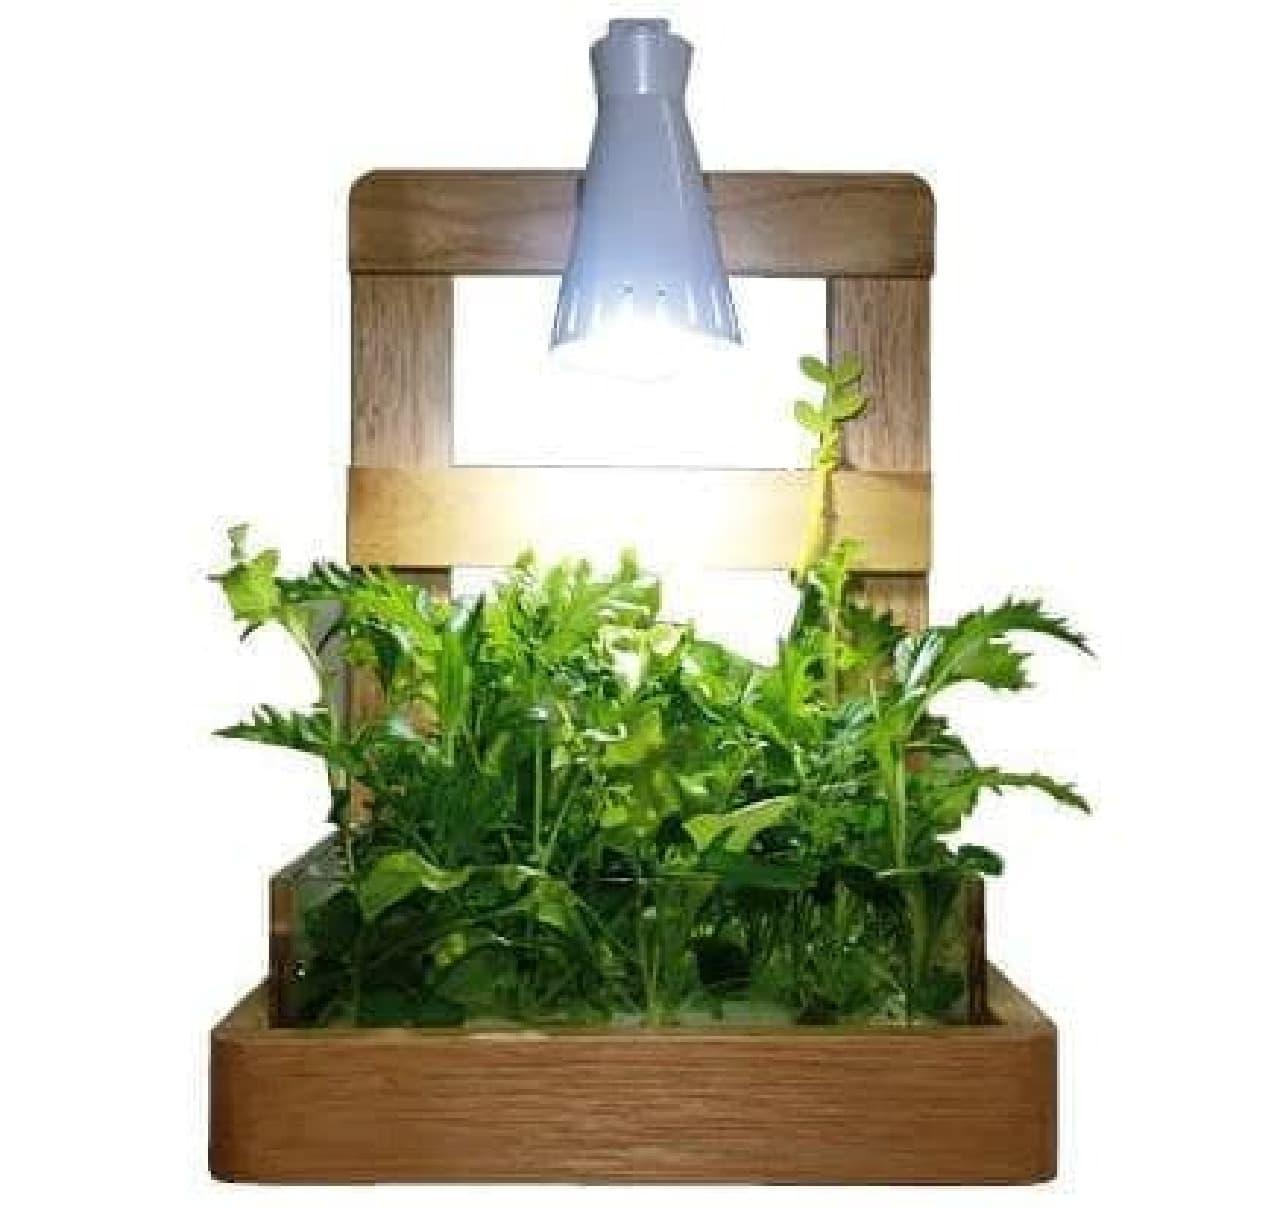 室内で育てられる栽培キット「NatureBox」